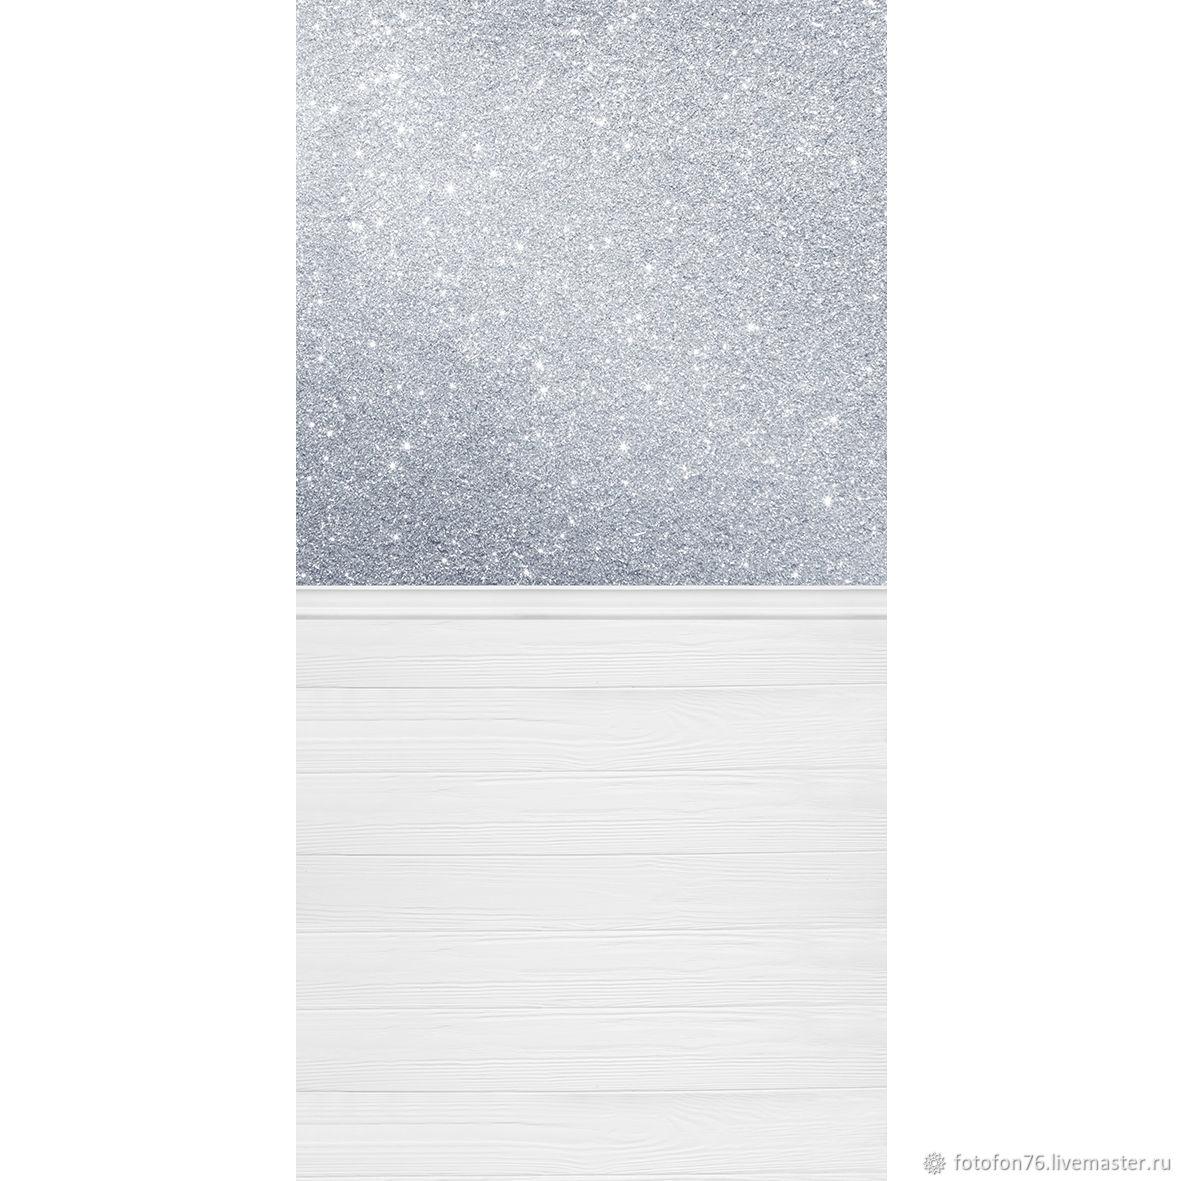 Фотофон виниловый Блёстки серебро (пол/стена) 50х100 см, Фото, Ярославль,  Фото №1